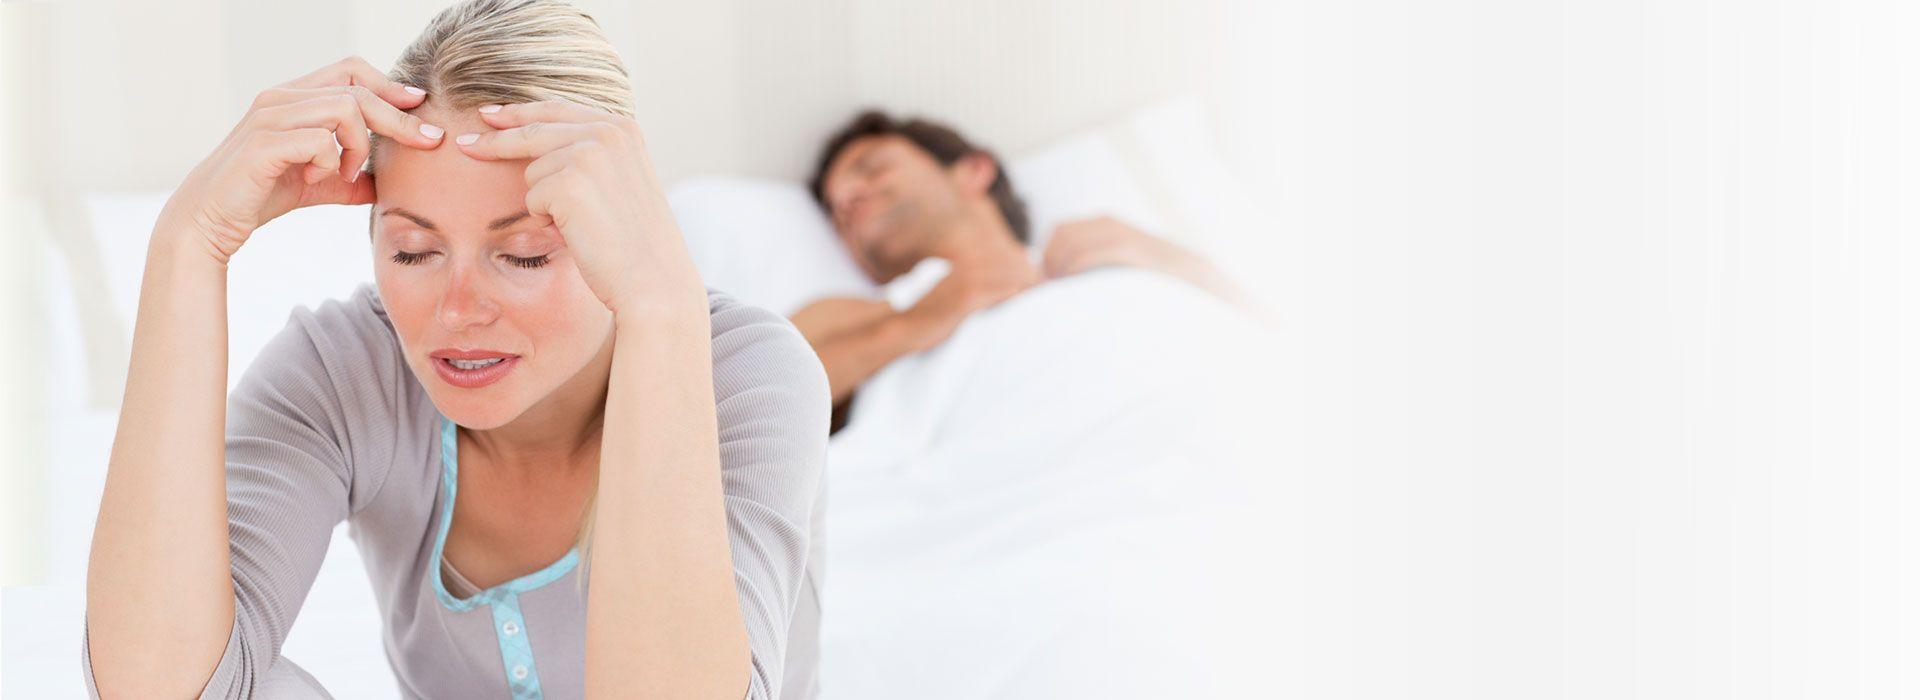 Стрессы способны влиять на сексуальную жизнь негативным образом